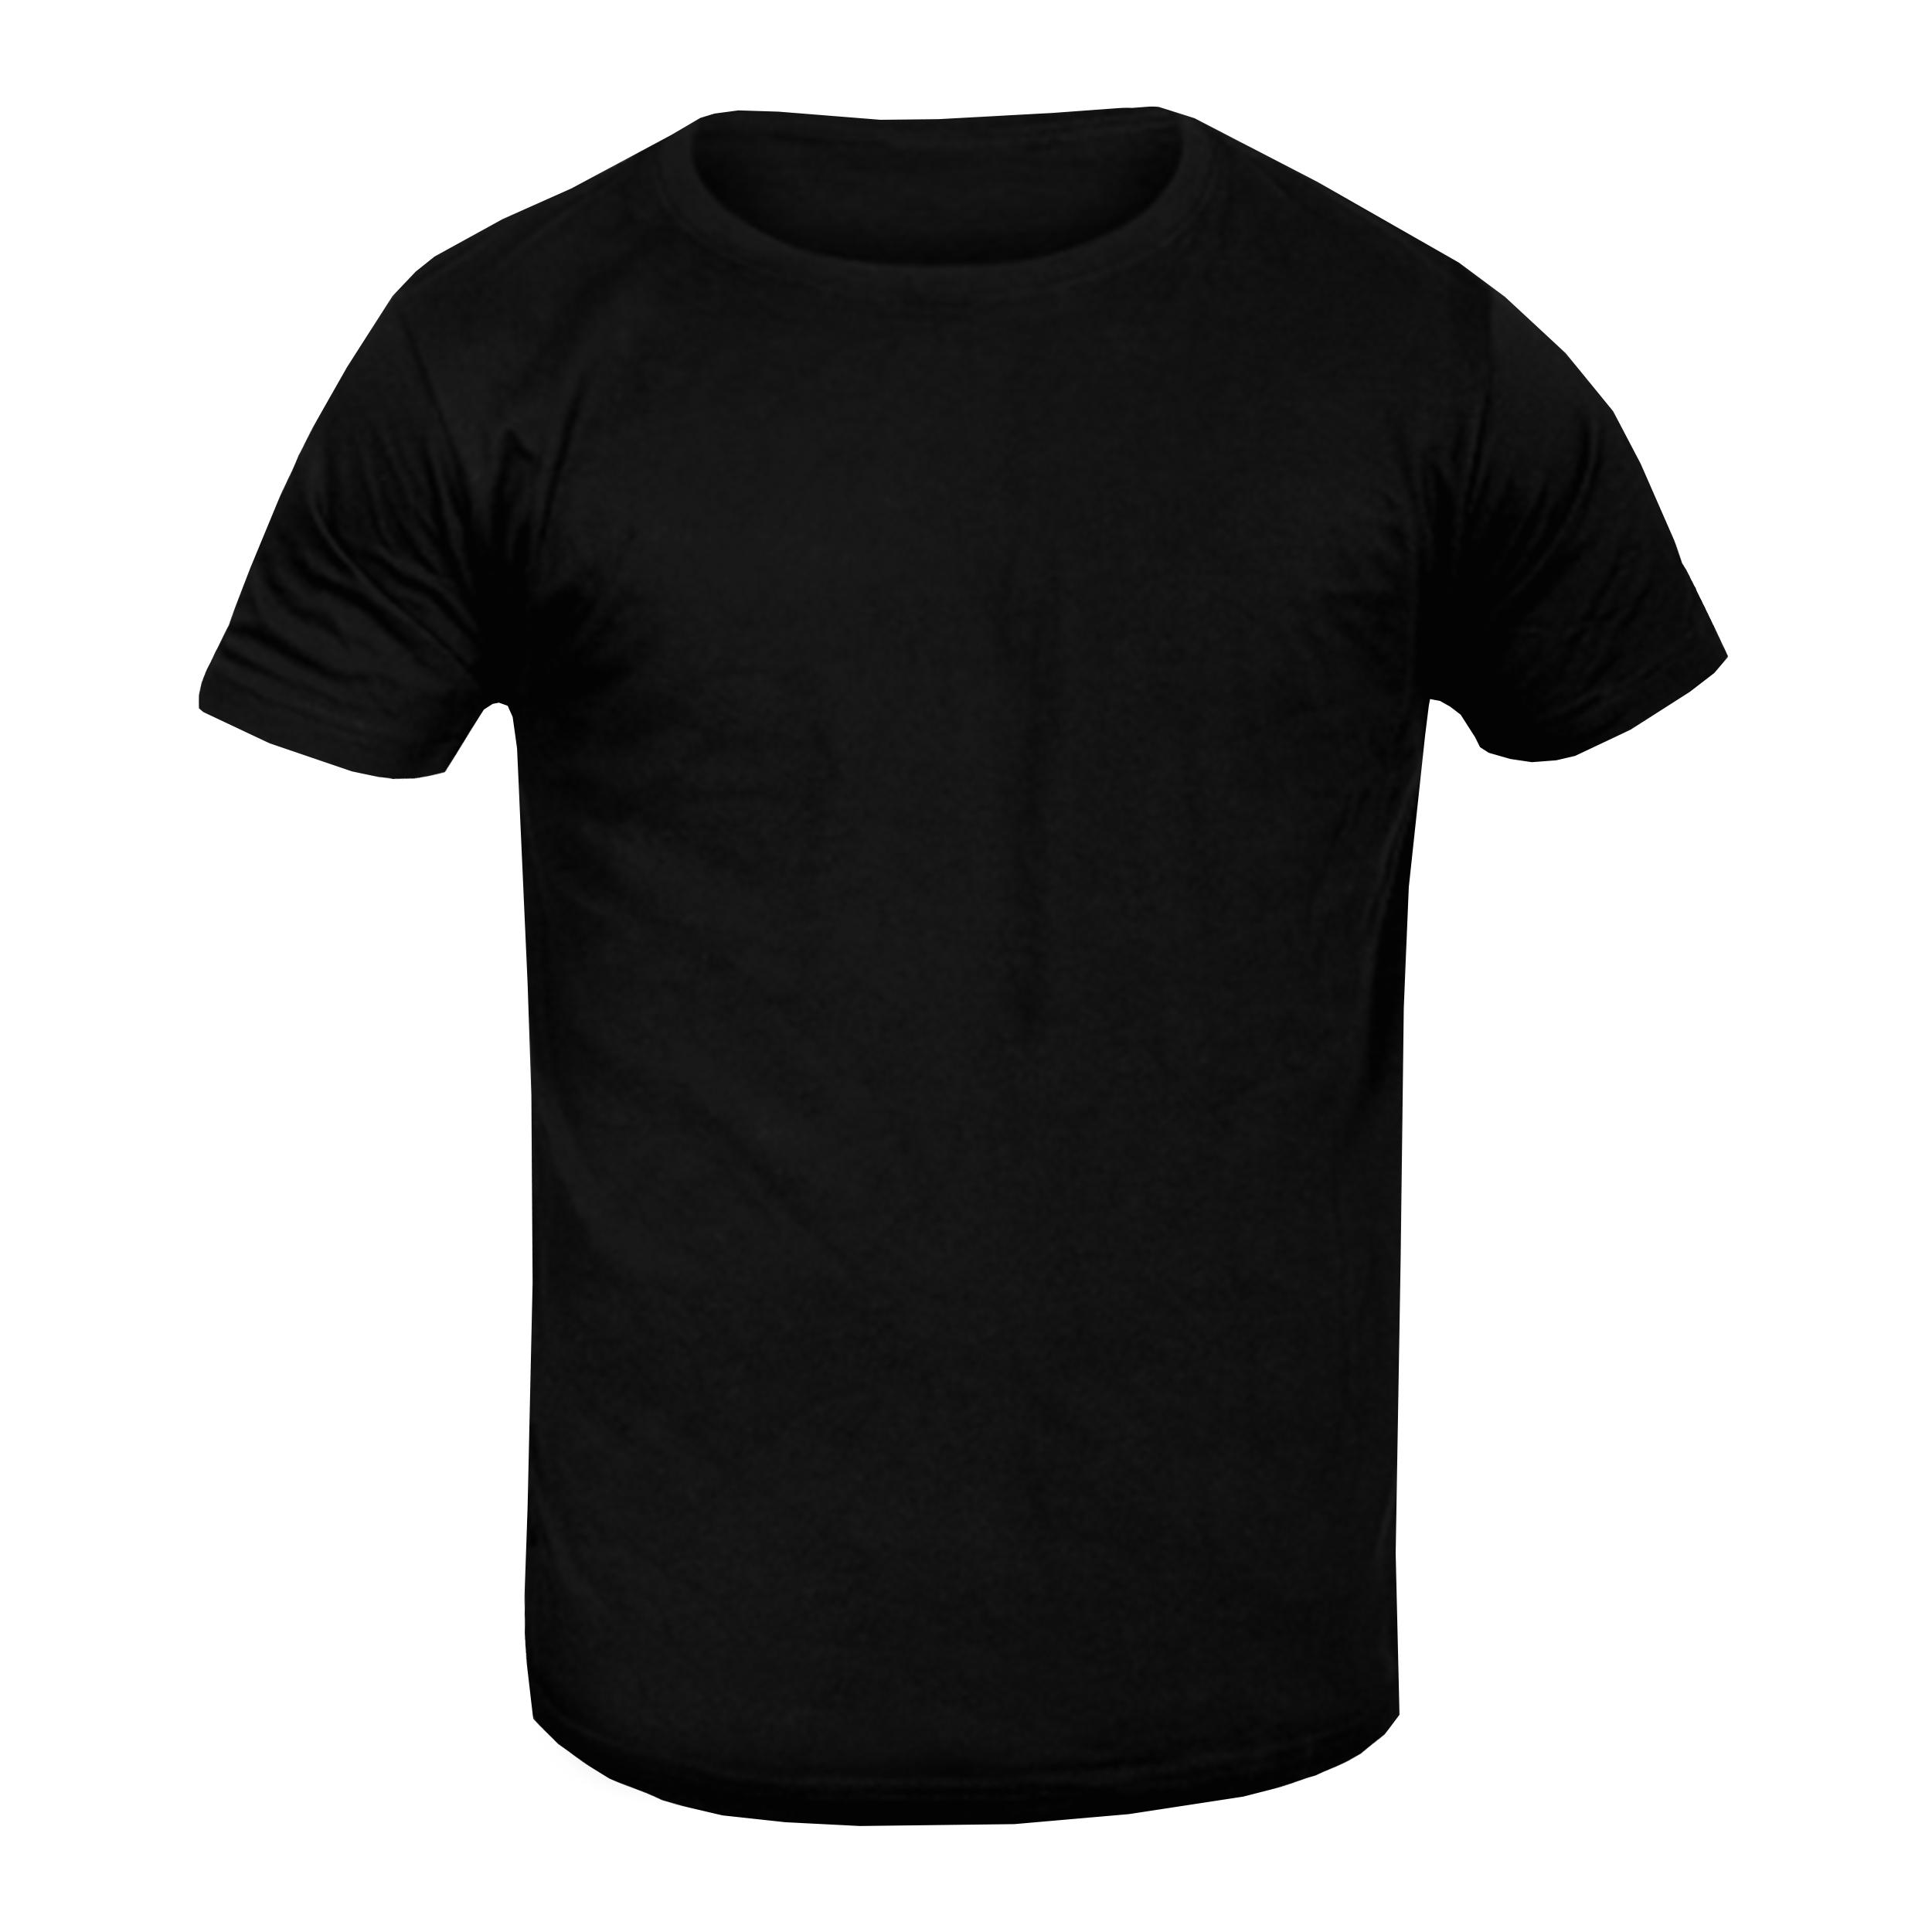 تی شرت آستین کوتاه مردانه دیزر کد fiory01